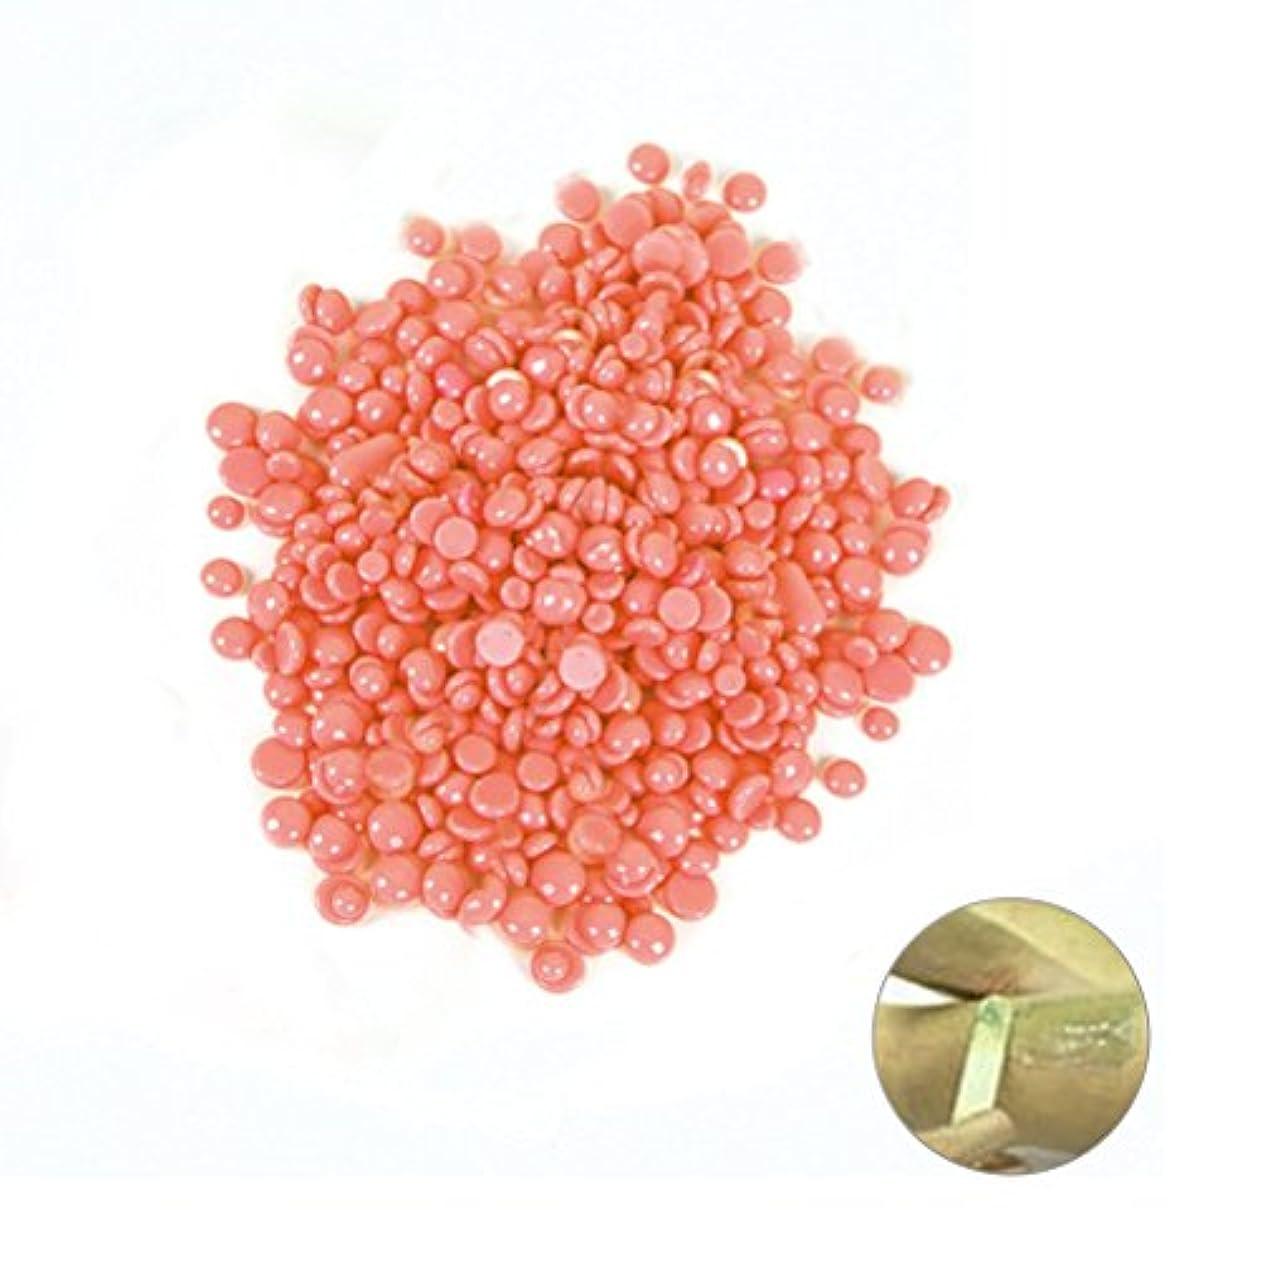 発揮する中世の登録ROSENICE 苦い脱毛脱毛剤パールハードワックスビーズ100g(ピンク)